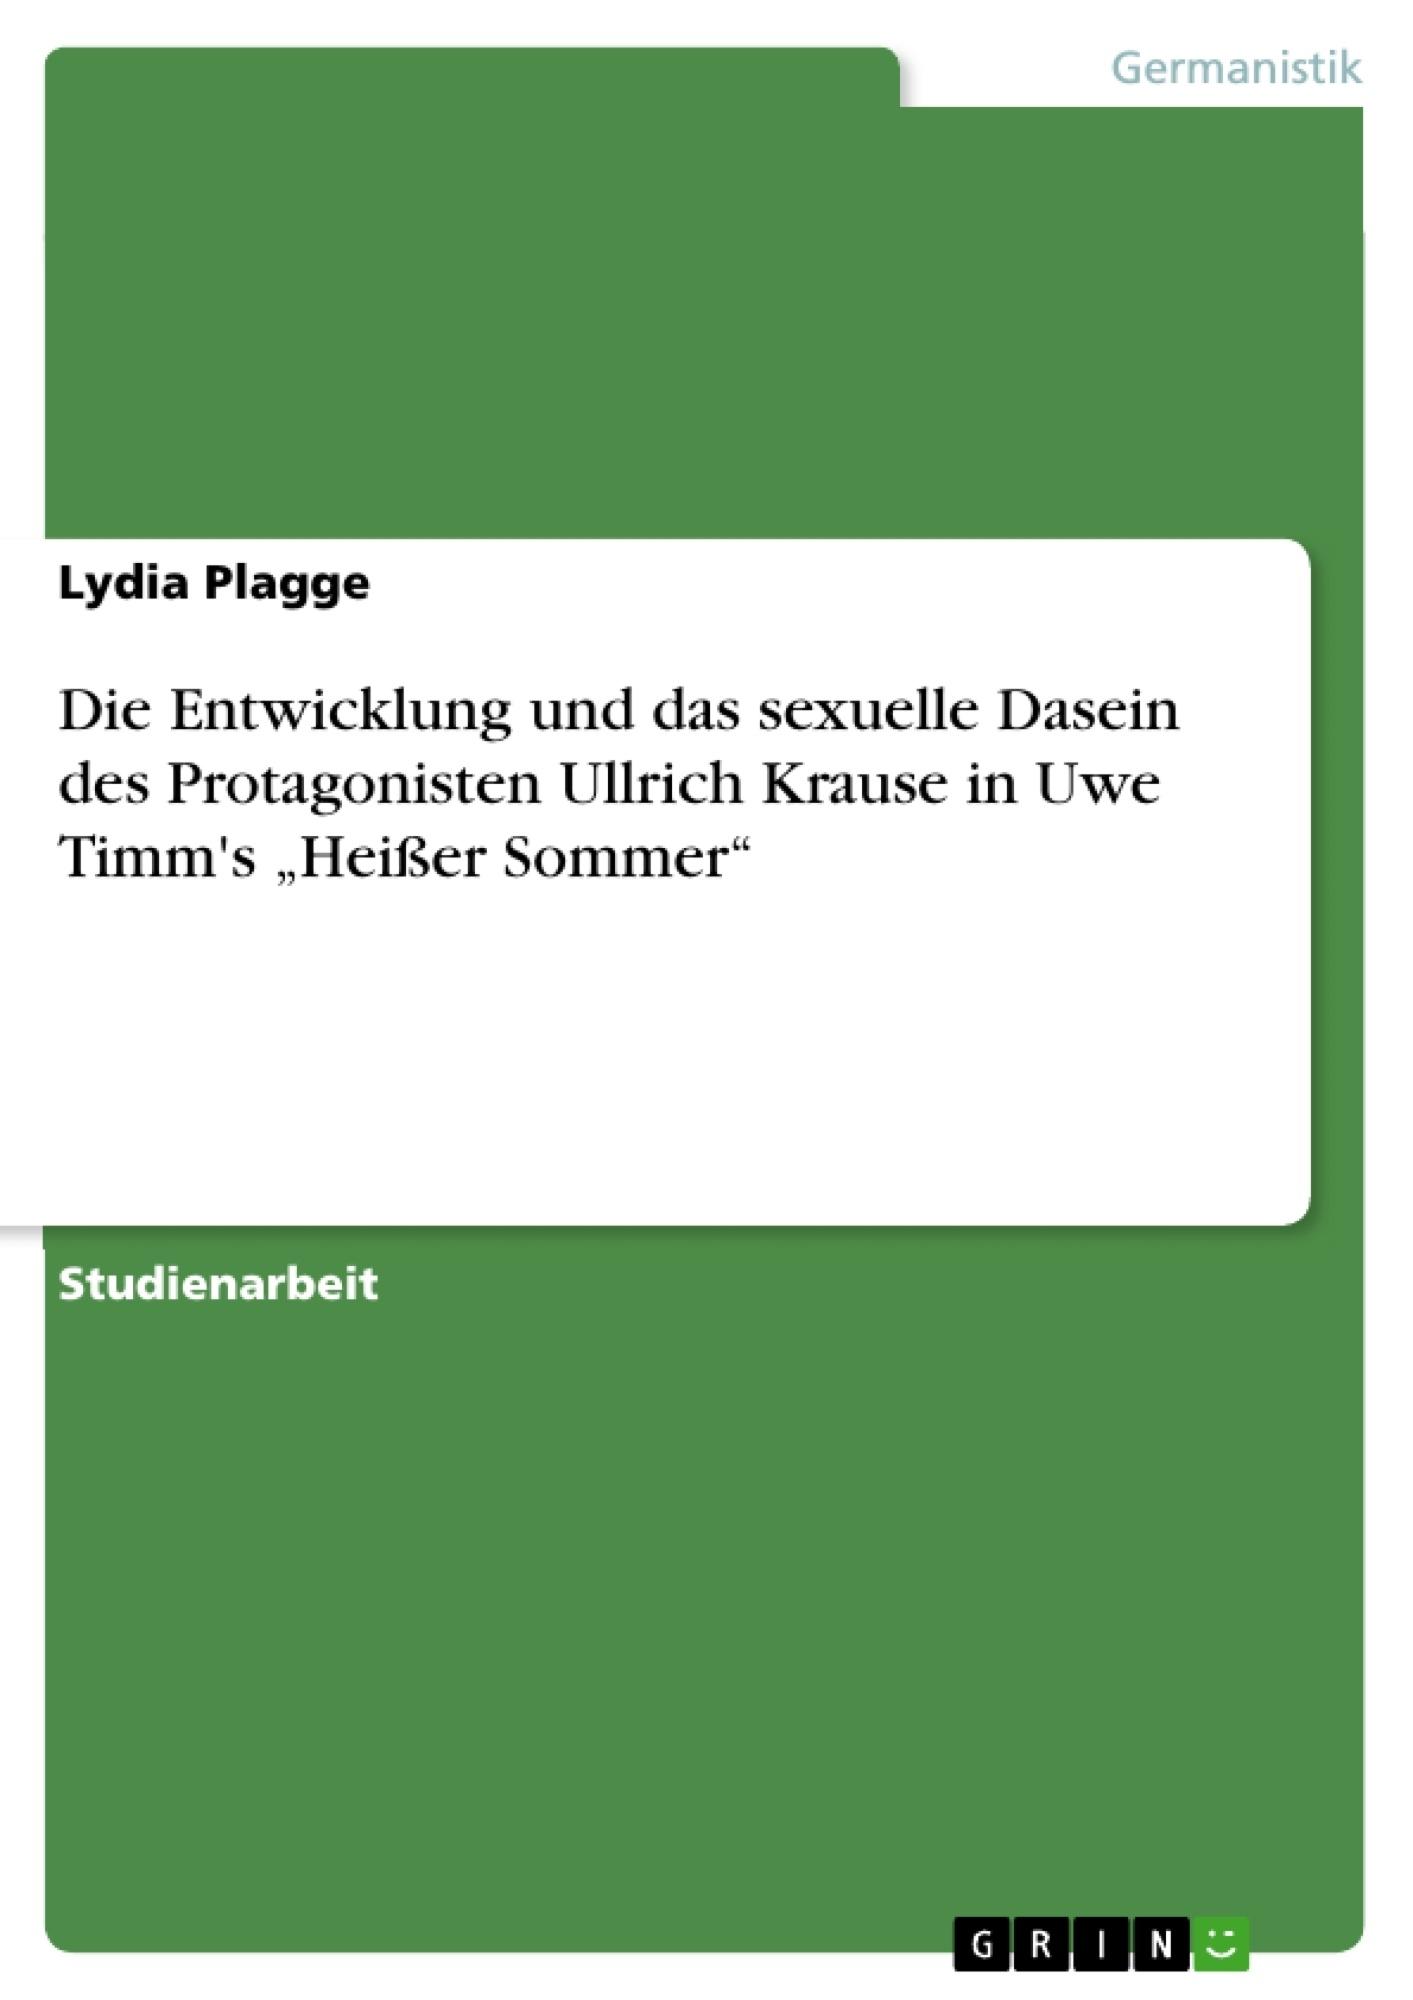 """Titel: Die Entwicklung und das sexuelle Dasein des Protagonisten Ullrich Krause in Uwe Timm's """"Heißer Sommer"""""""